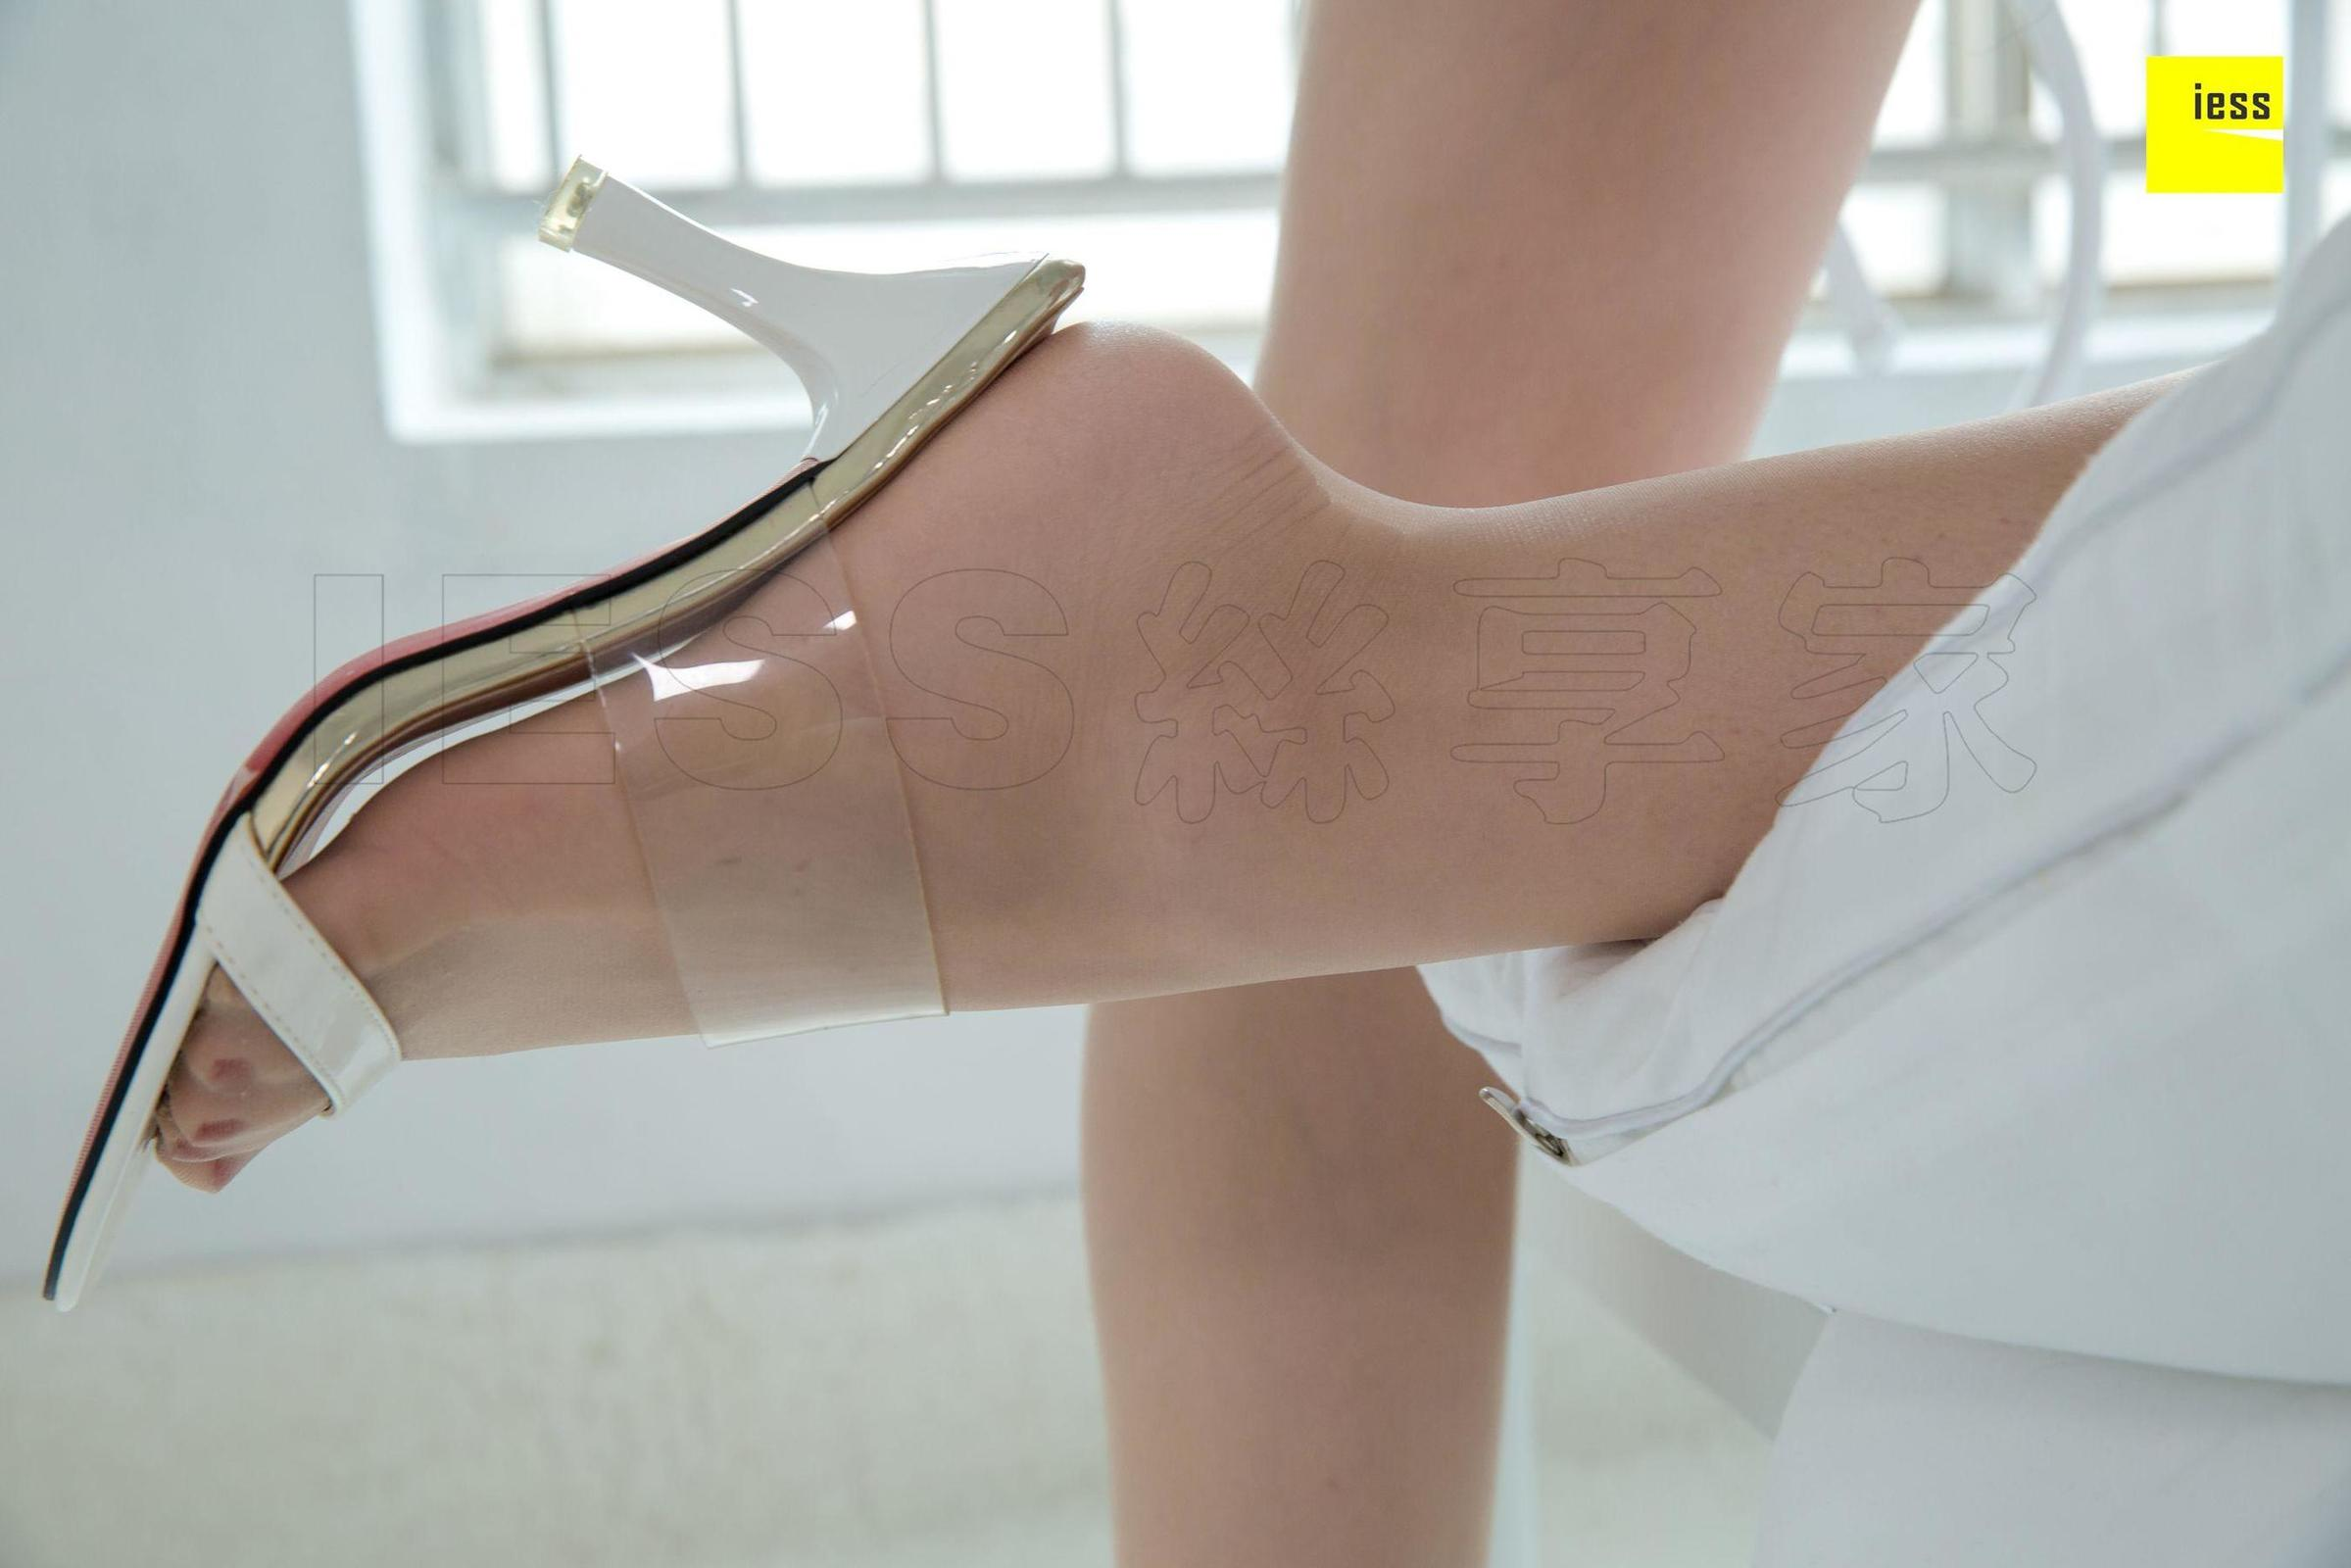 名利姐 《足模模板名利姐》丝袜美腿写真套图